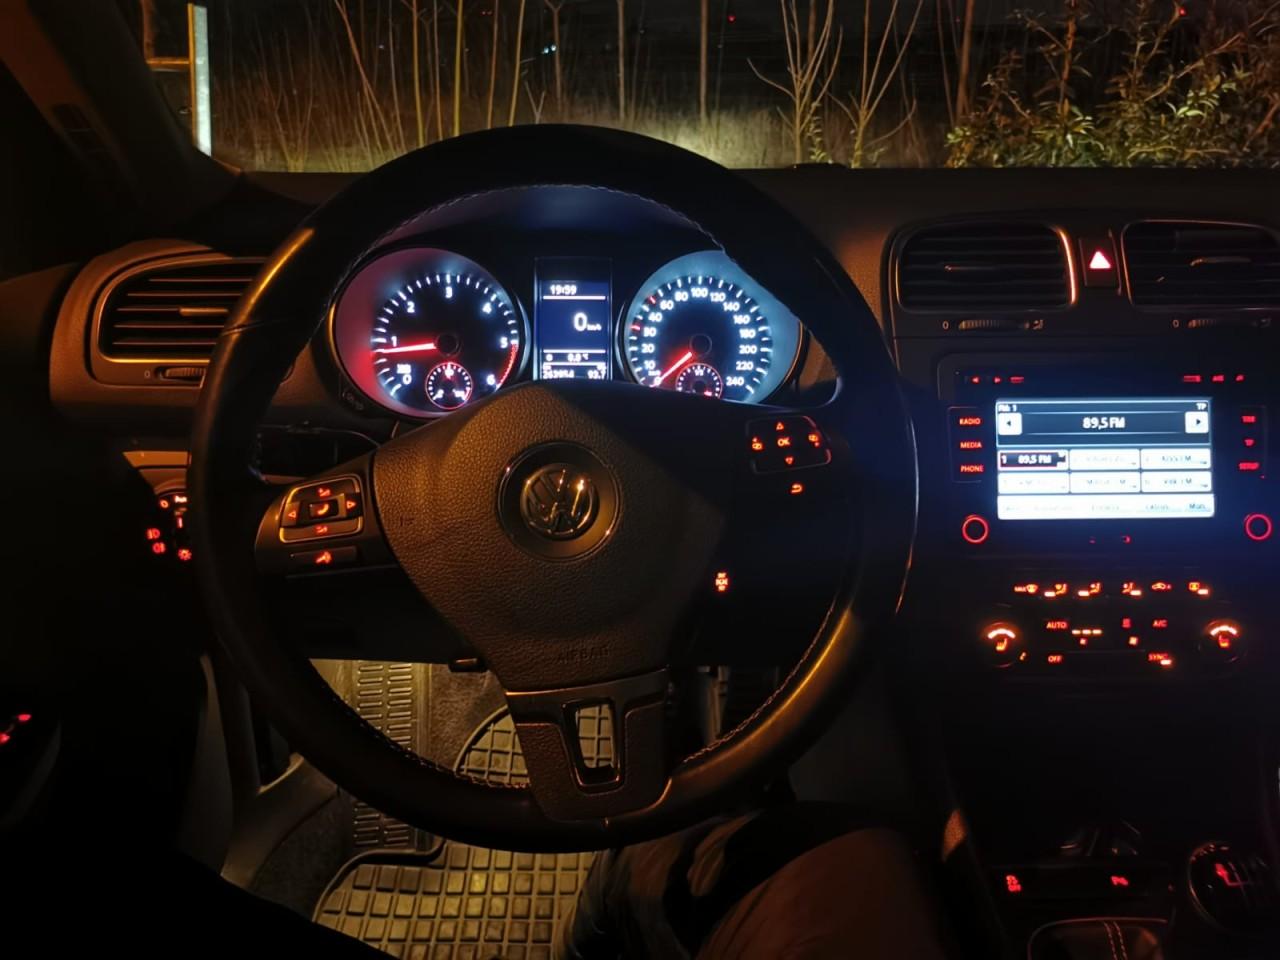 VW Golf 1.6 TDI 2013